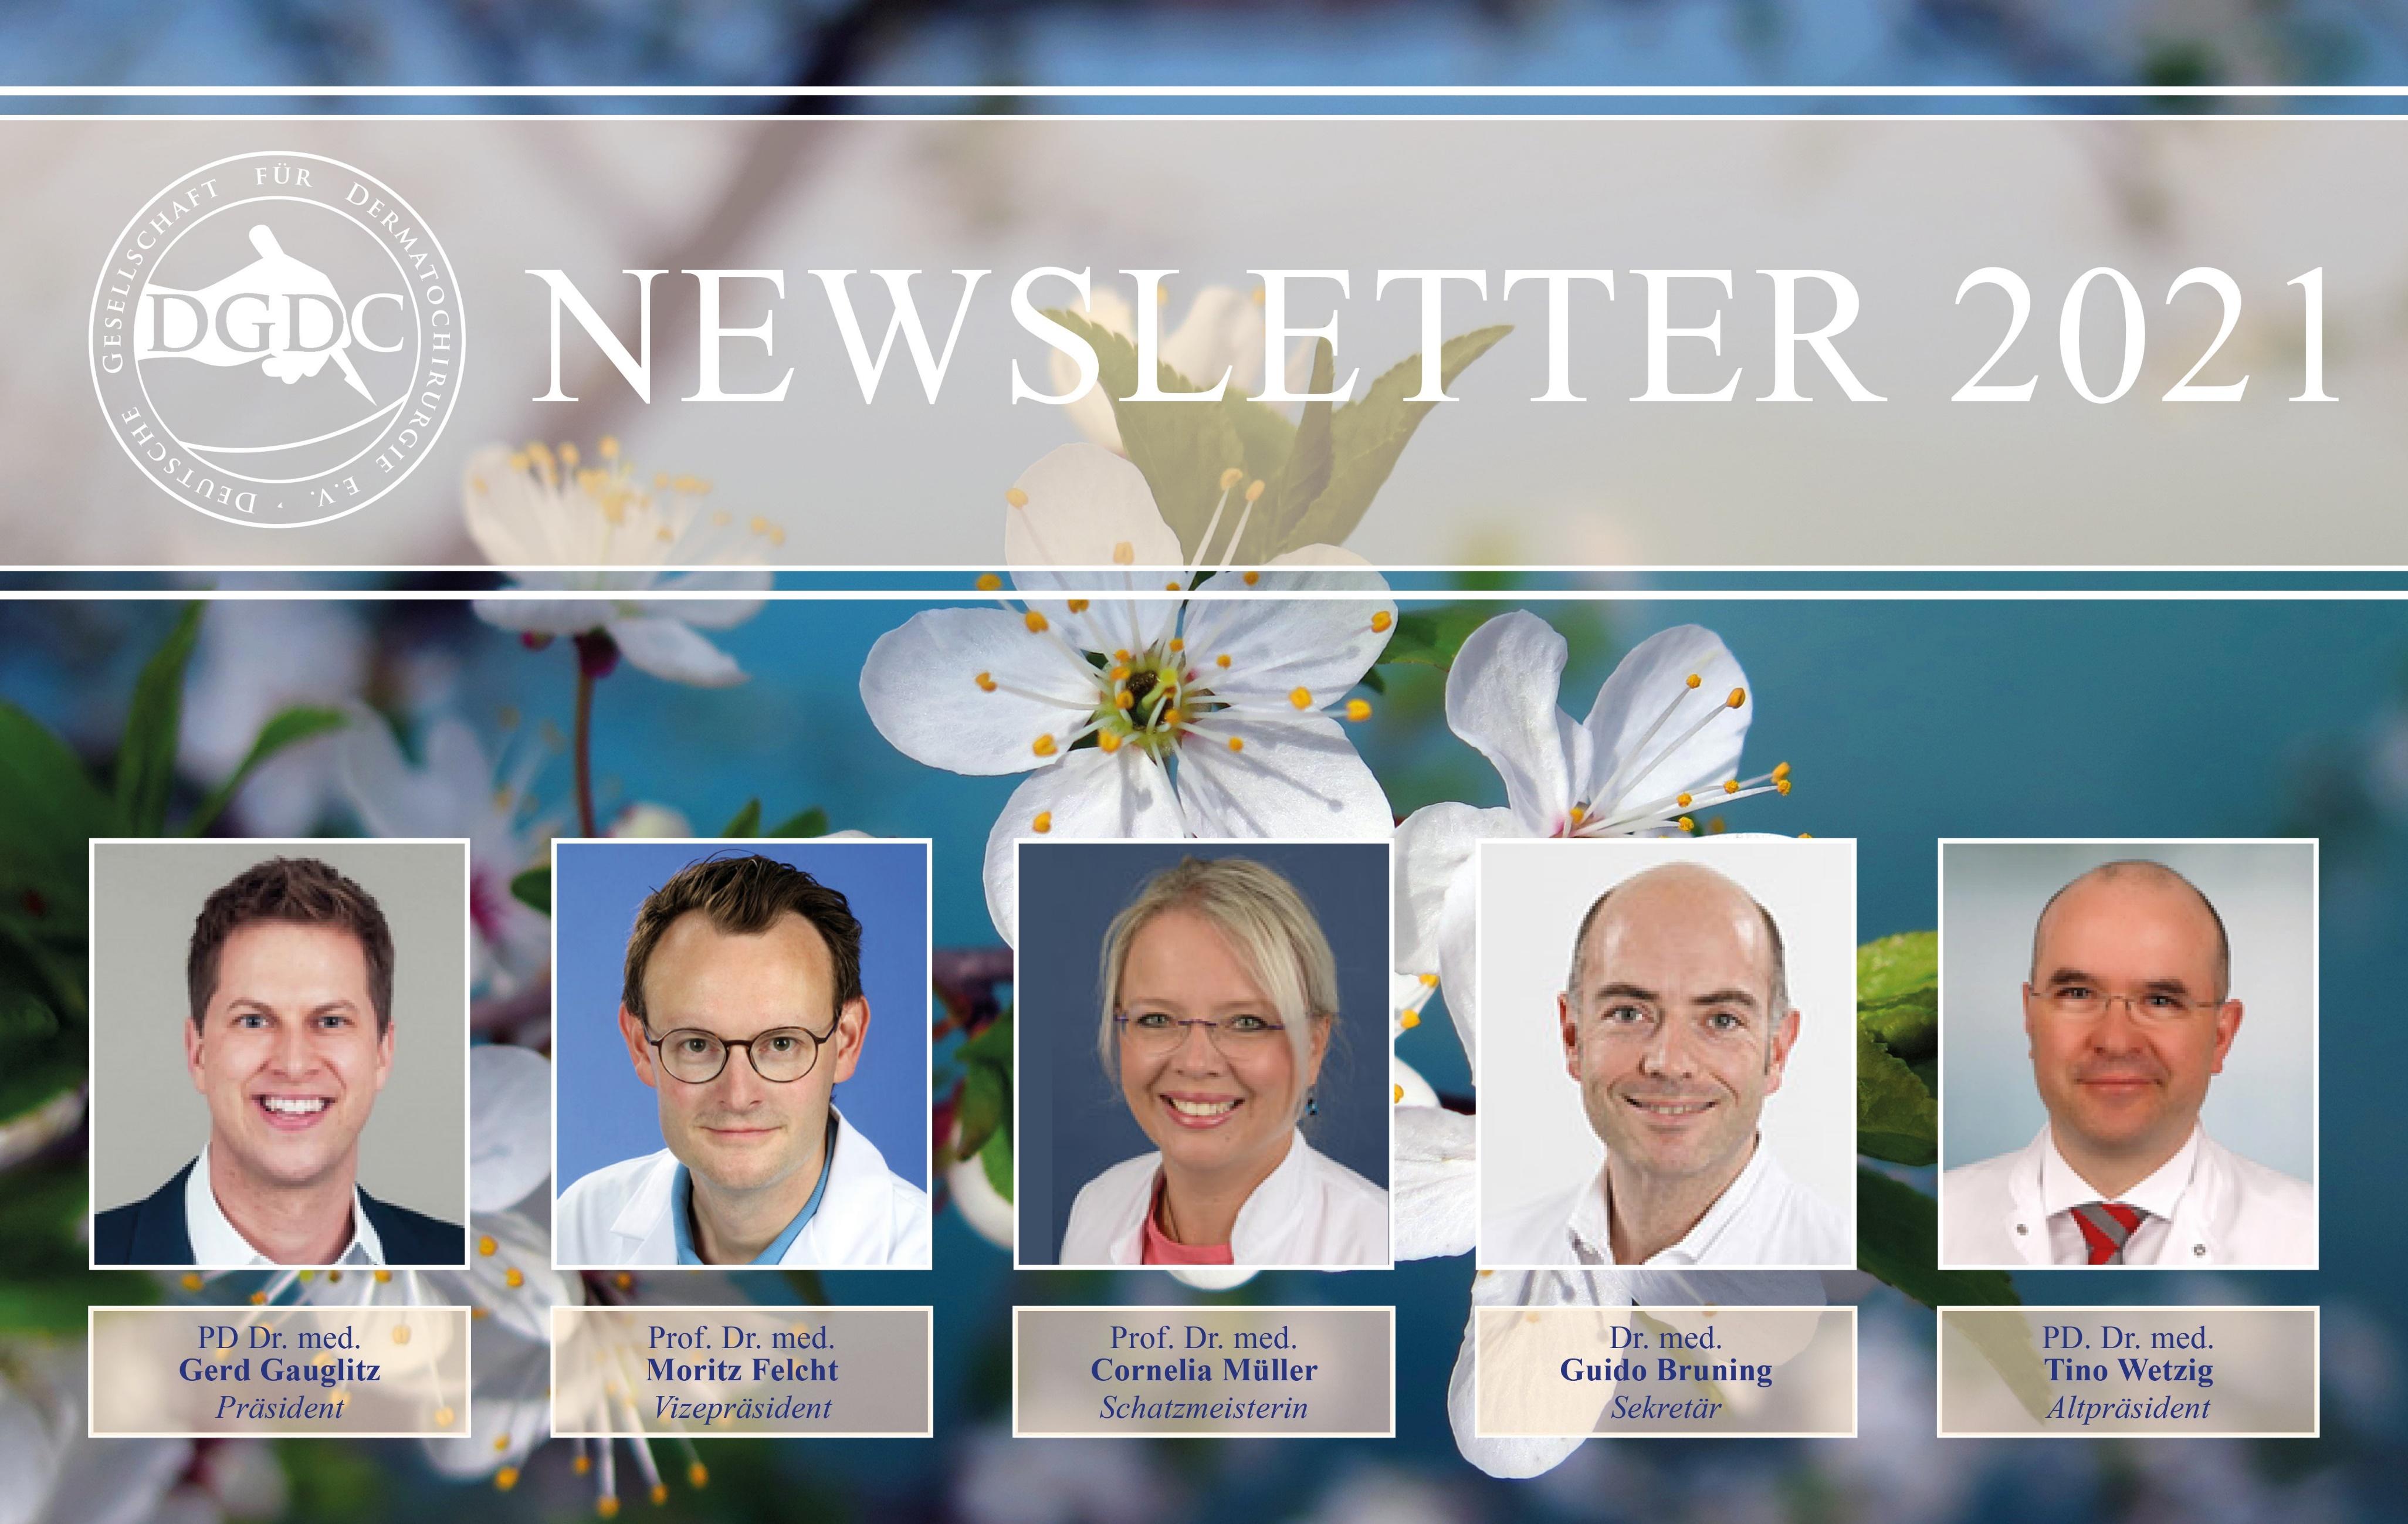 DGDC-Newsletter-Header